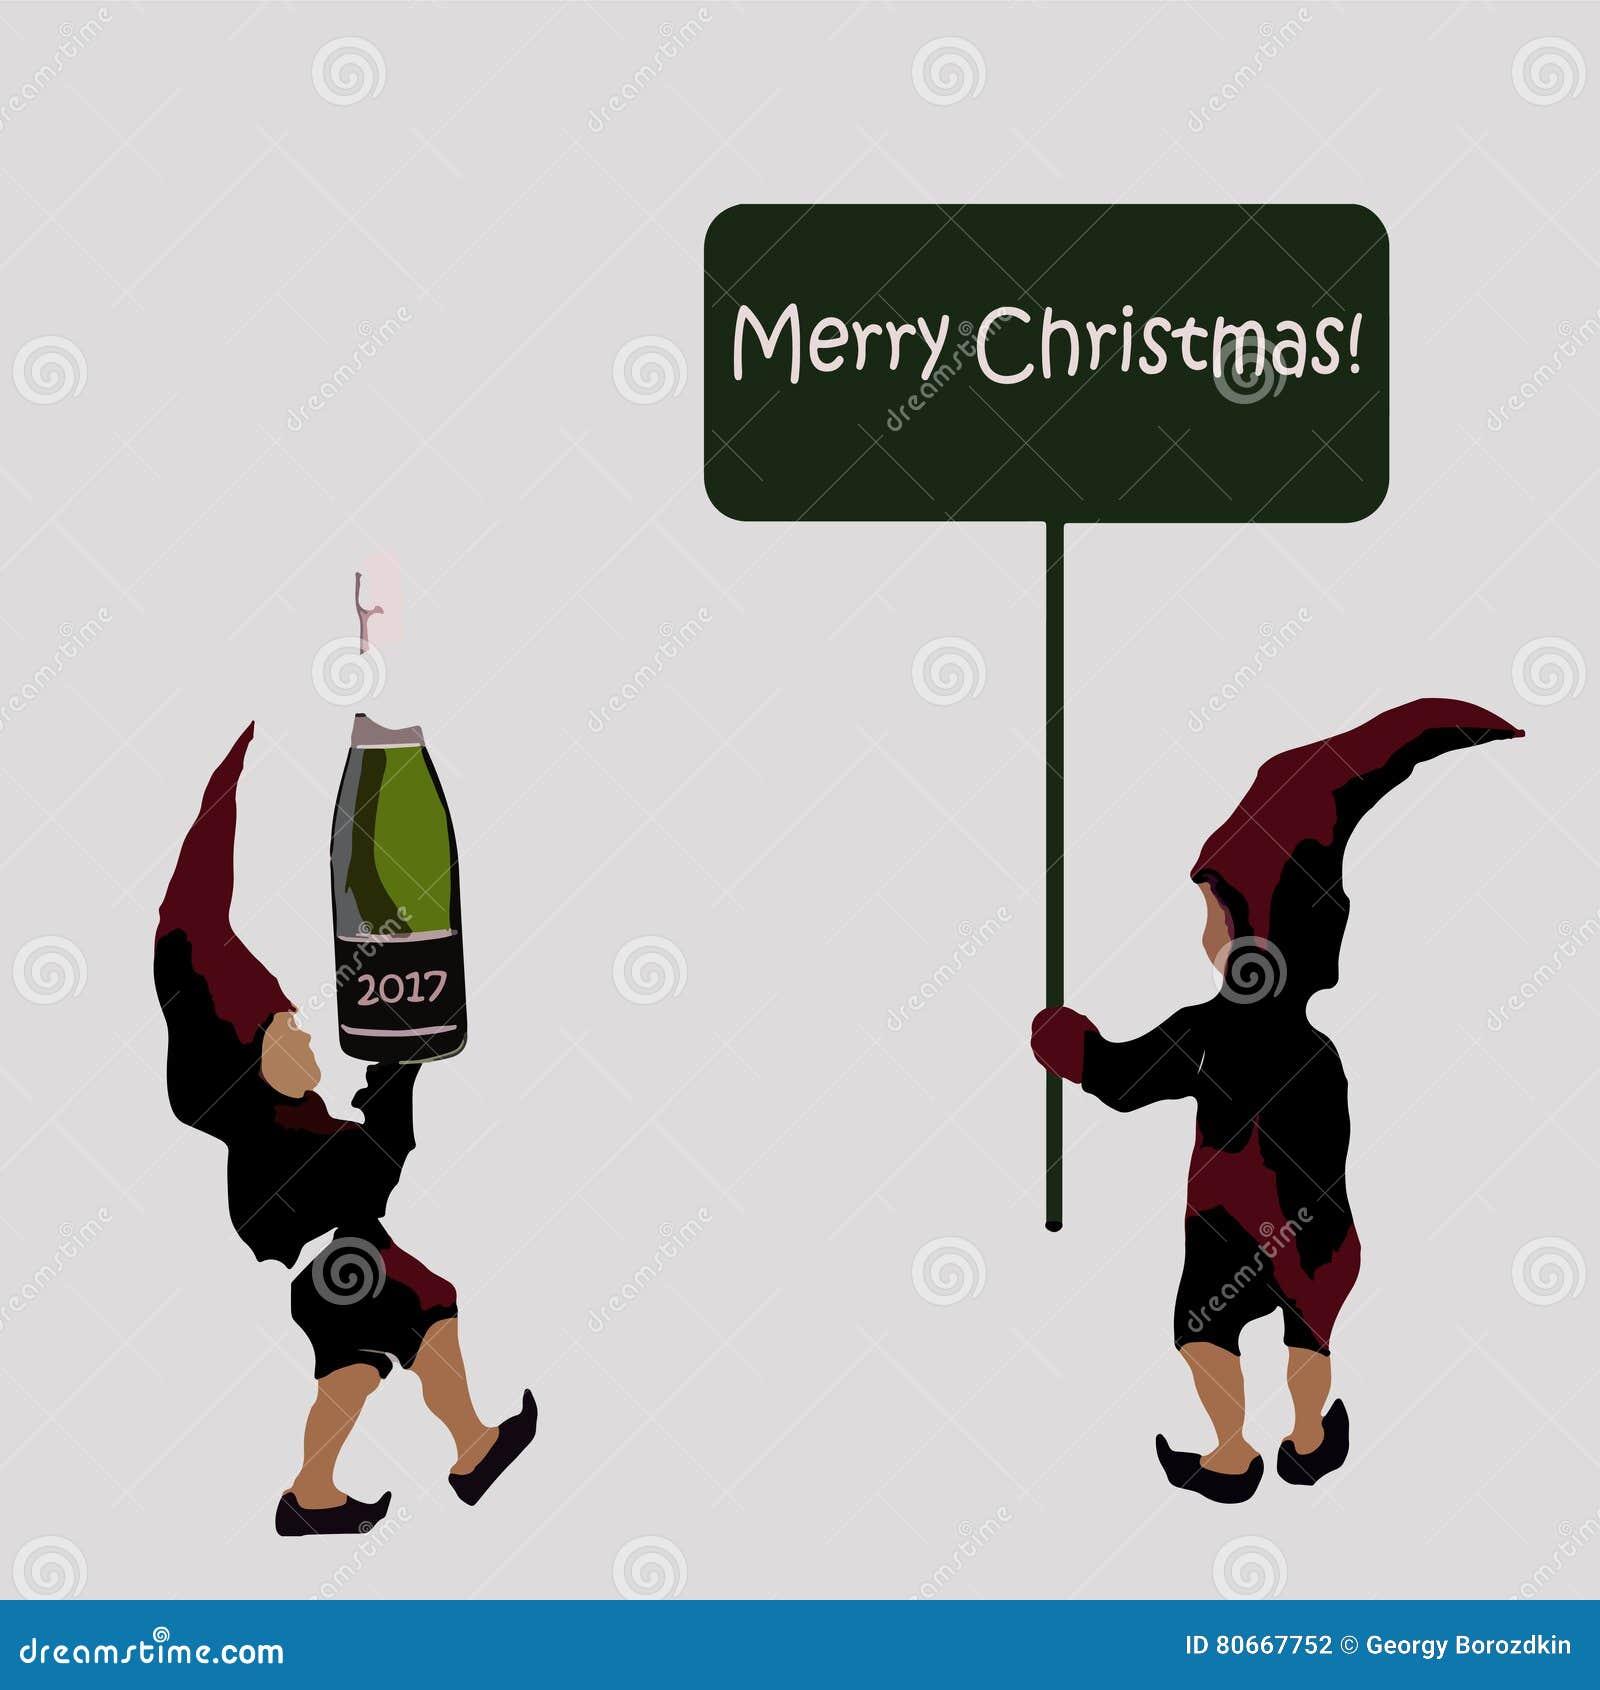 Una Invitación A Una Fiesta De Navidad Los Duendes De Santa Claus ...